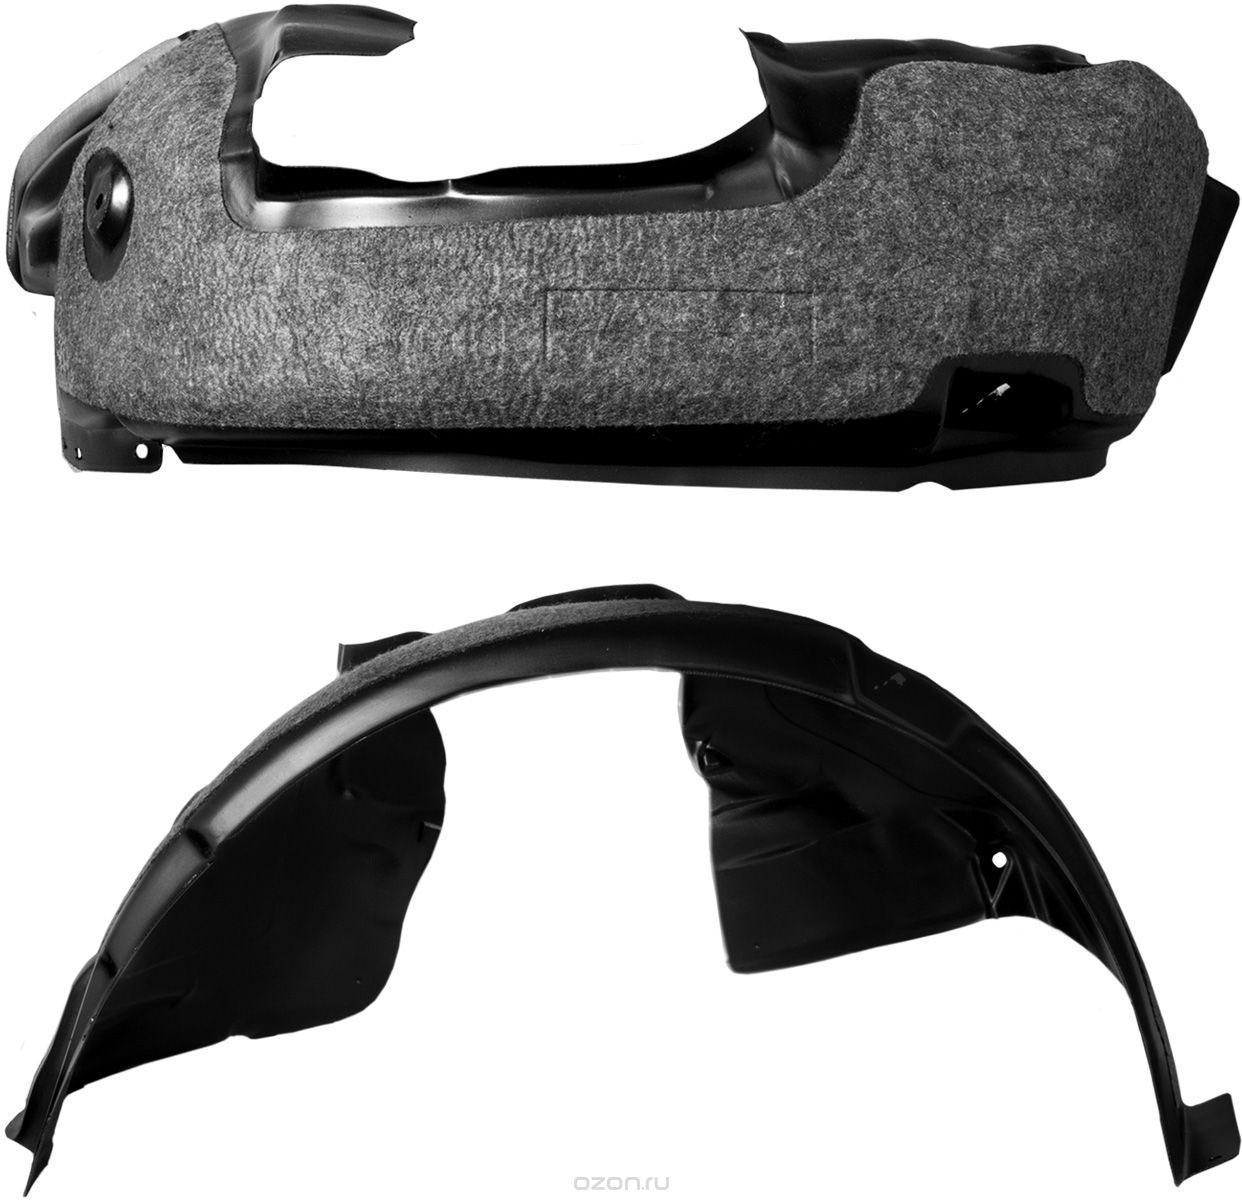 Подкрылок Novline-Autofamily, с шумоизоляцией, для LIFAN Solano, 2016->, седан, передний правыйDAVC150Идеальная защита колесной ниши. Локеры разработаны с применением цифровых технологий, гарантируют максимальную повторяемость поверхности арки. Изделия устанавливаются без нарушения лакокрасочного покрытия автомобиля, каждый подкрылок комплектуется крепежом. Уважаемые клиенты, обращаем ваше внимание, что фотографии на подкрылки универсальные и не отражают реальную форму изделия. При этом само изделие идет точно под размер указанного автомобиля.